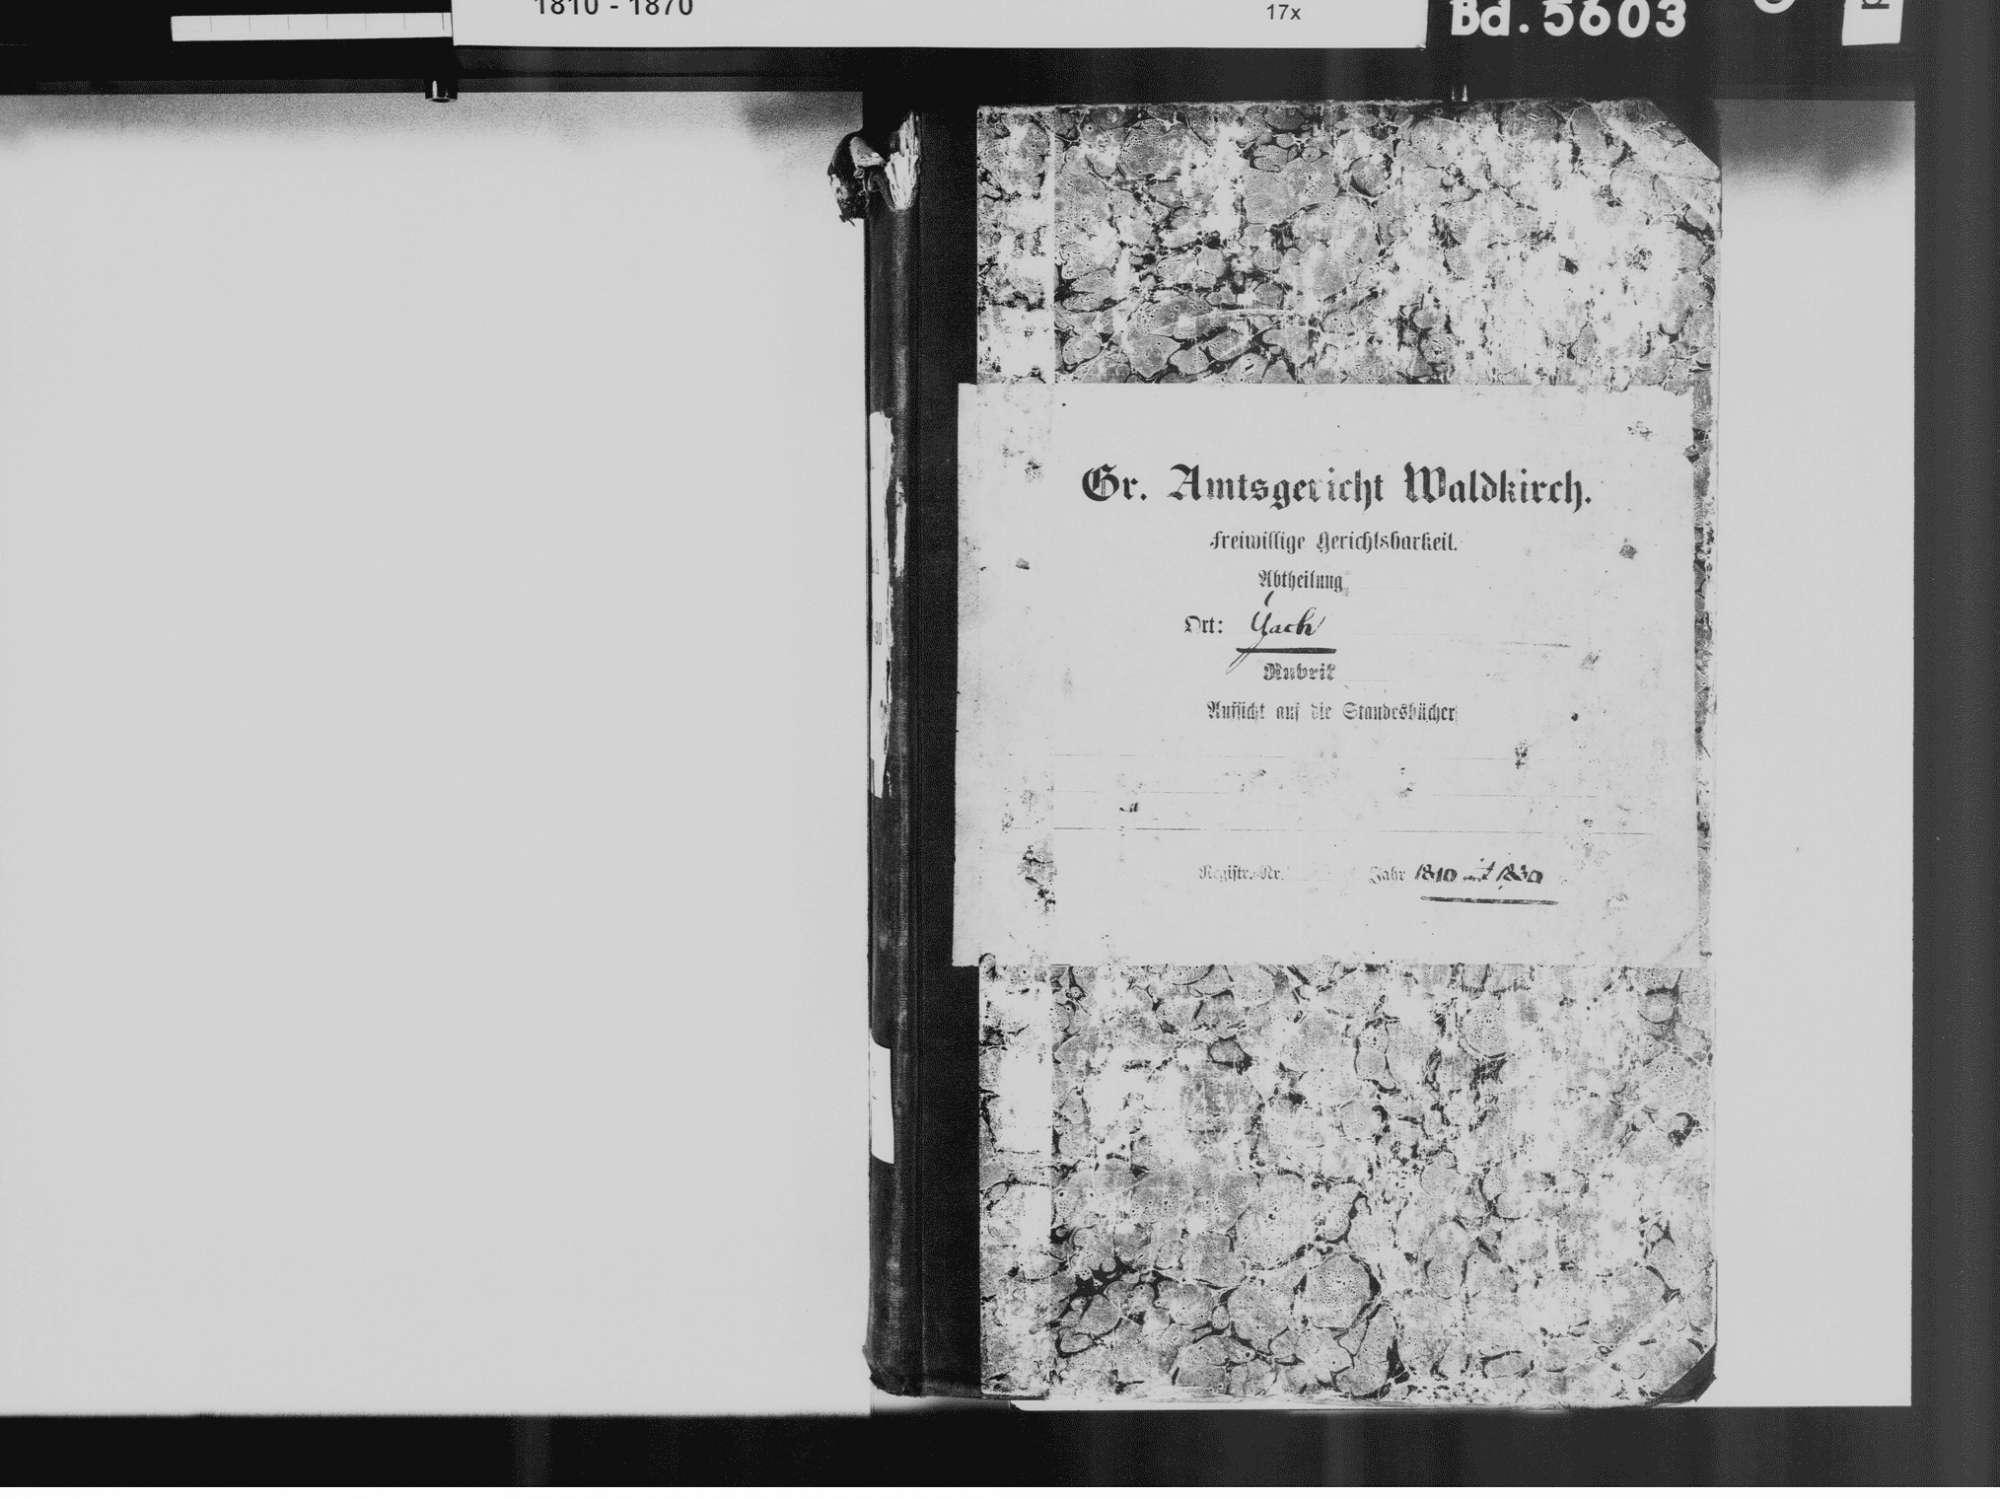 Yach, Elzach EM; Katholische Gemeinde: Standesbuch 1810-1830, Bild 2